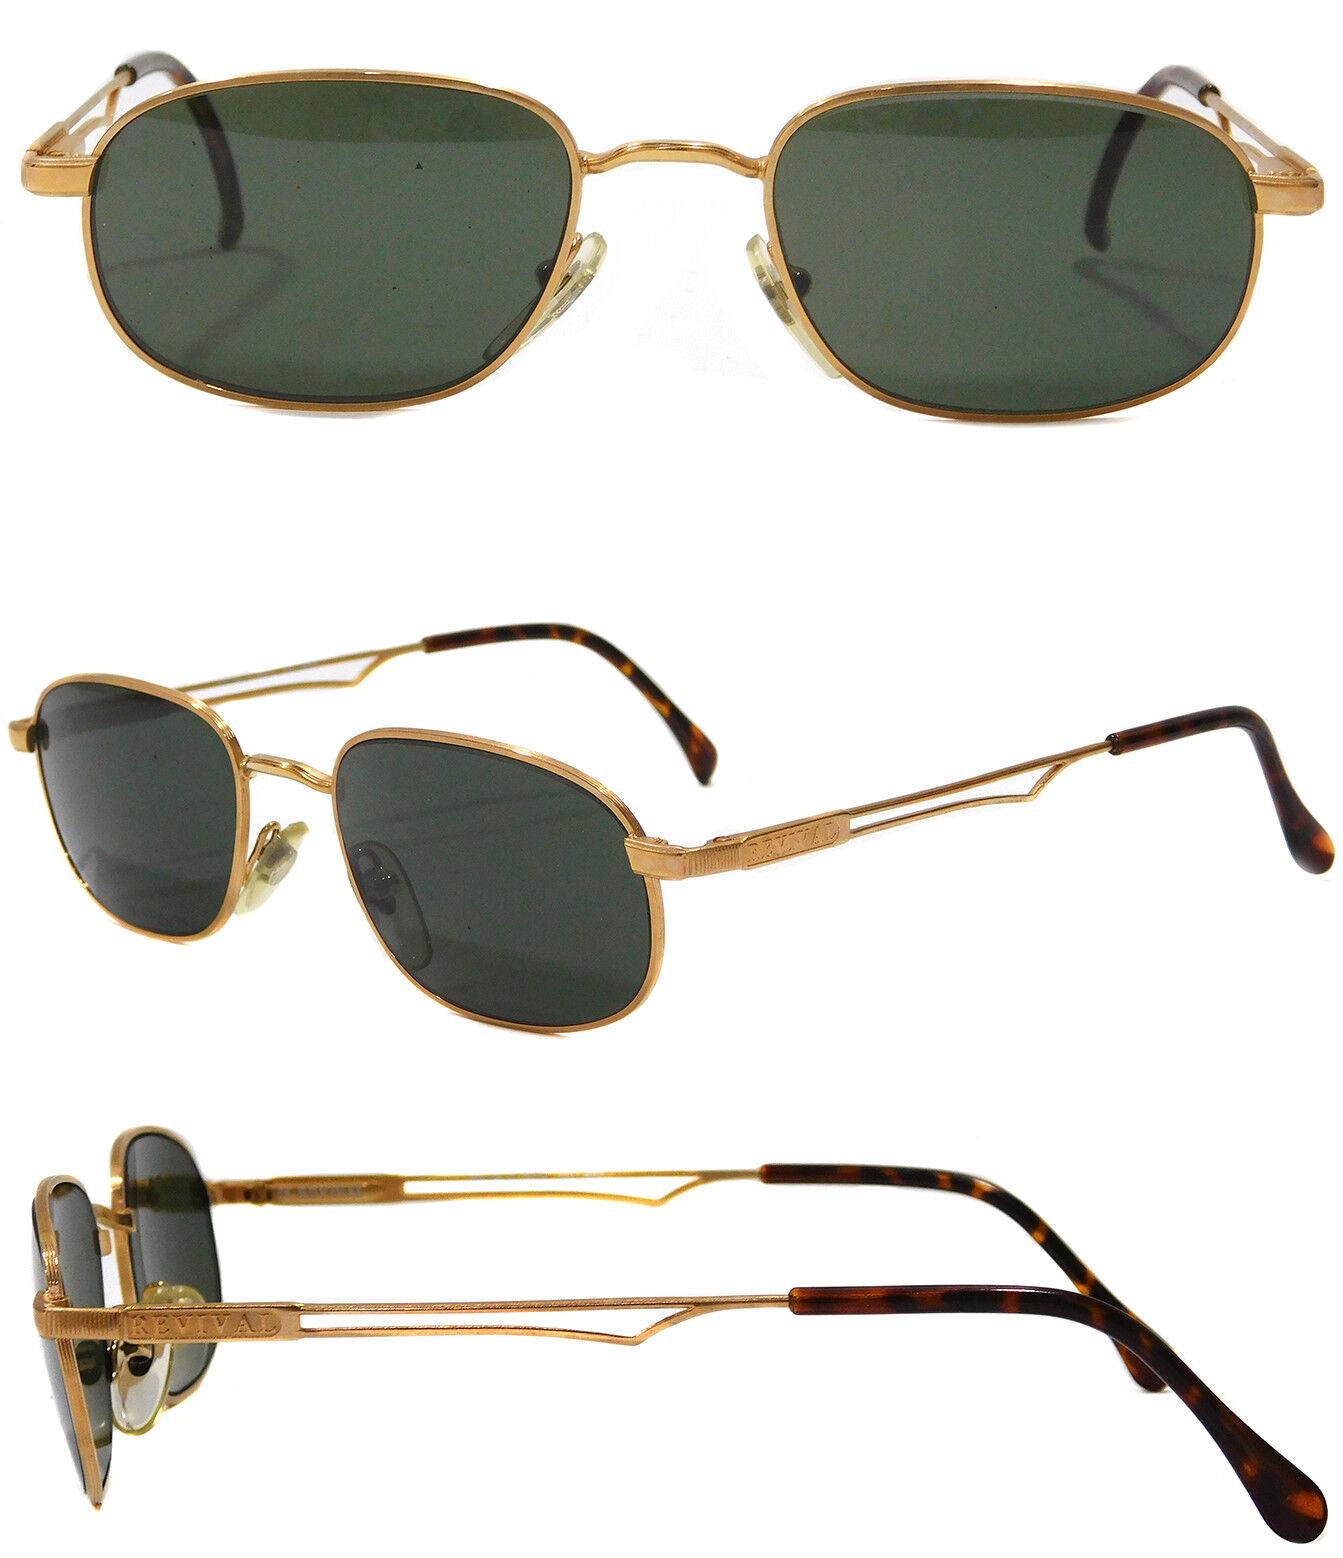 OCCHIALI SOLE sunglas firmati REVIVAL lente verde montatura metallo dorato UOMO